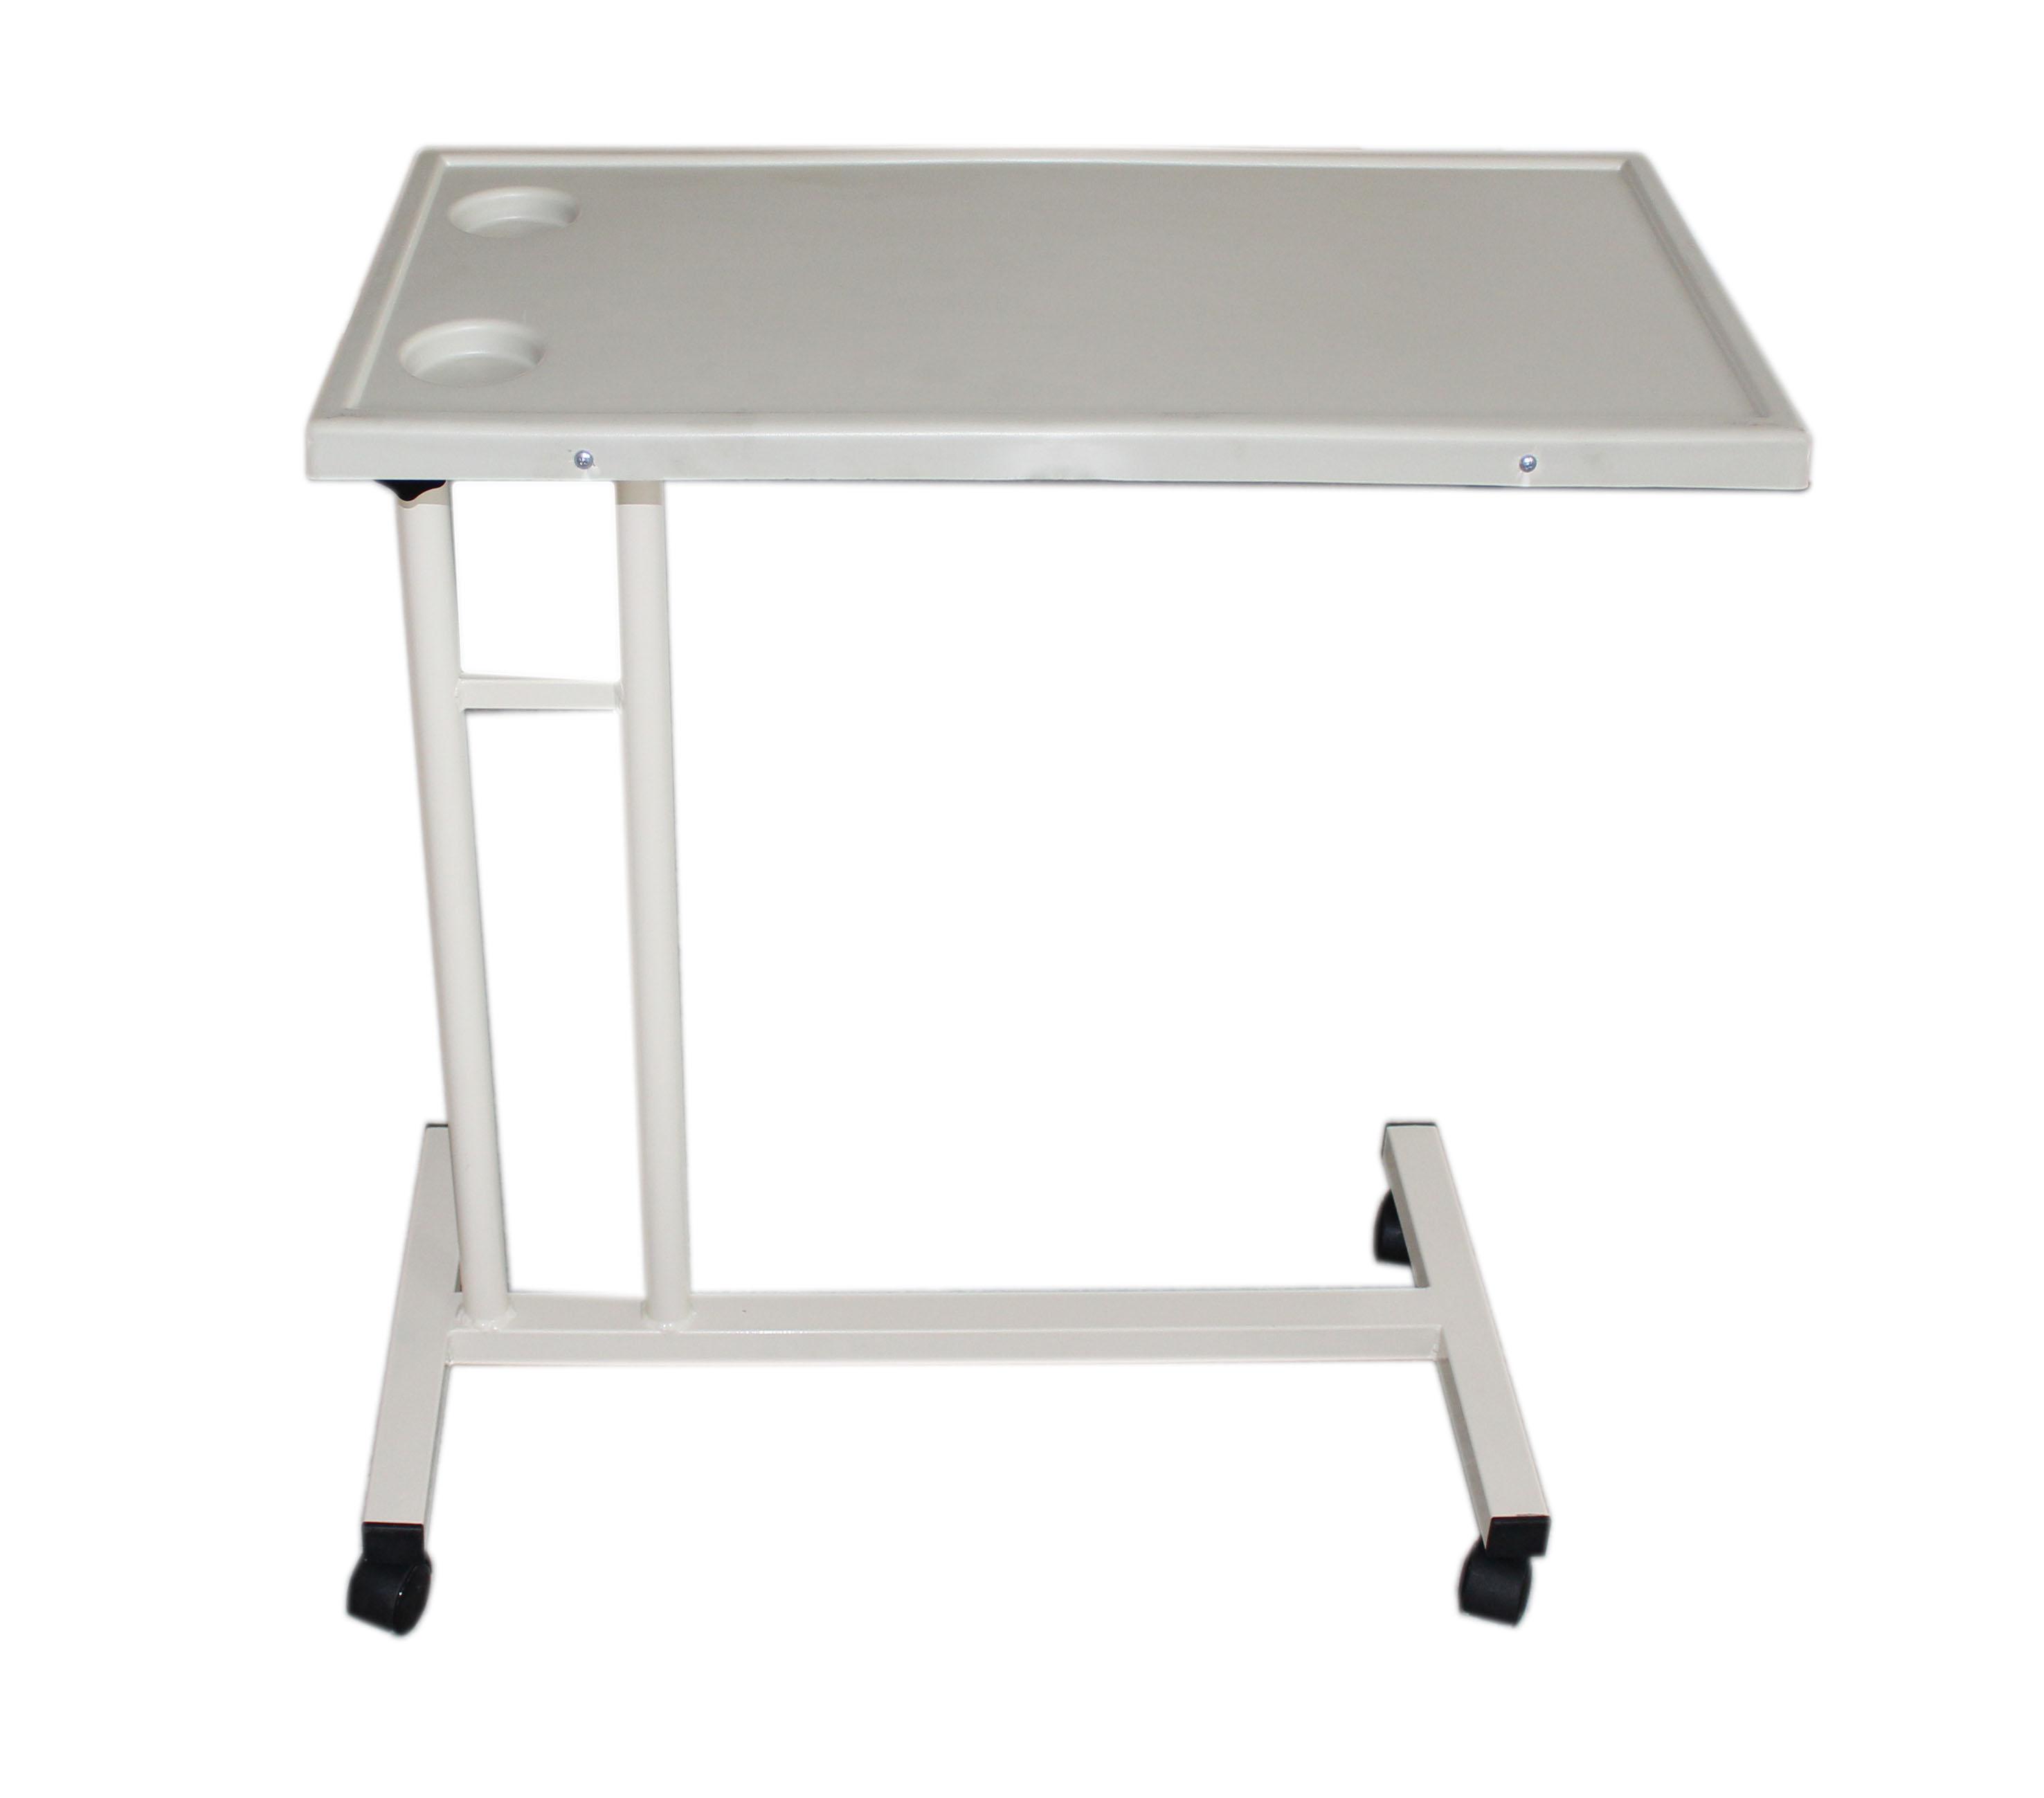 TK-459/2 hasta yemek masası manüel pvc kaplama